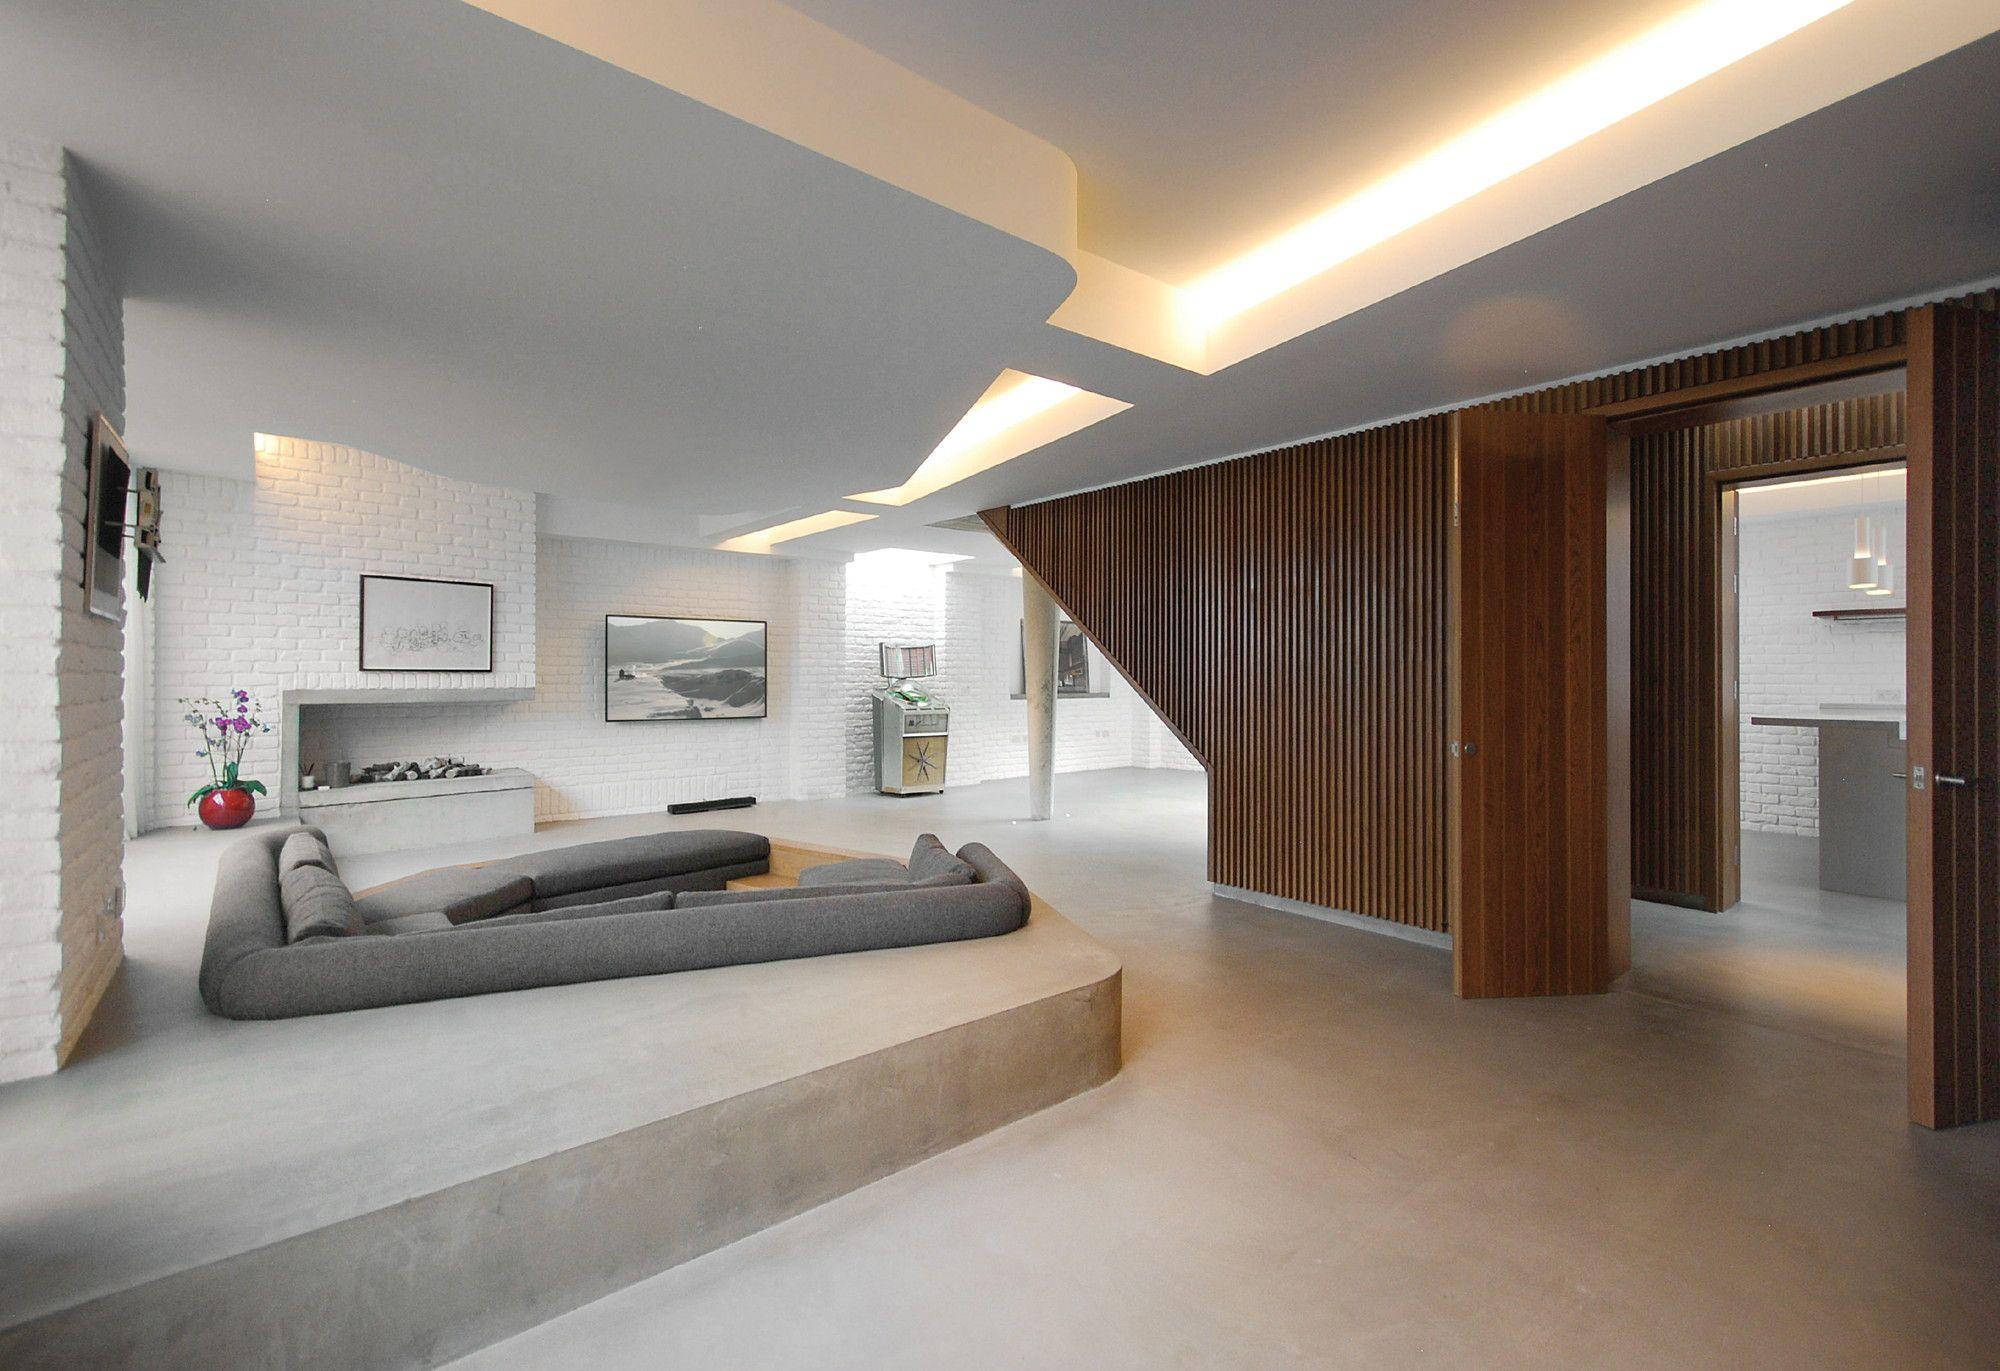 New London Architecture - Beste Anbauten ausgezeichnet | Auszeichnen ...